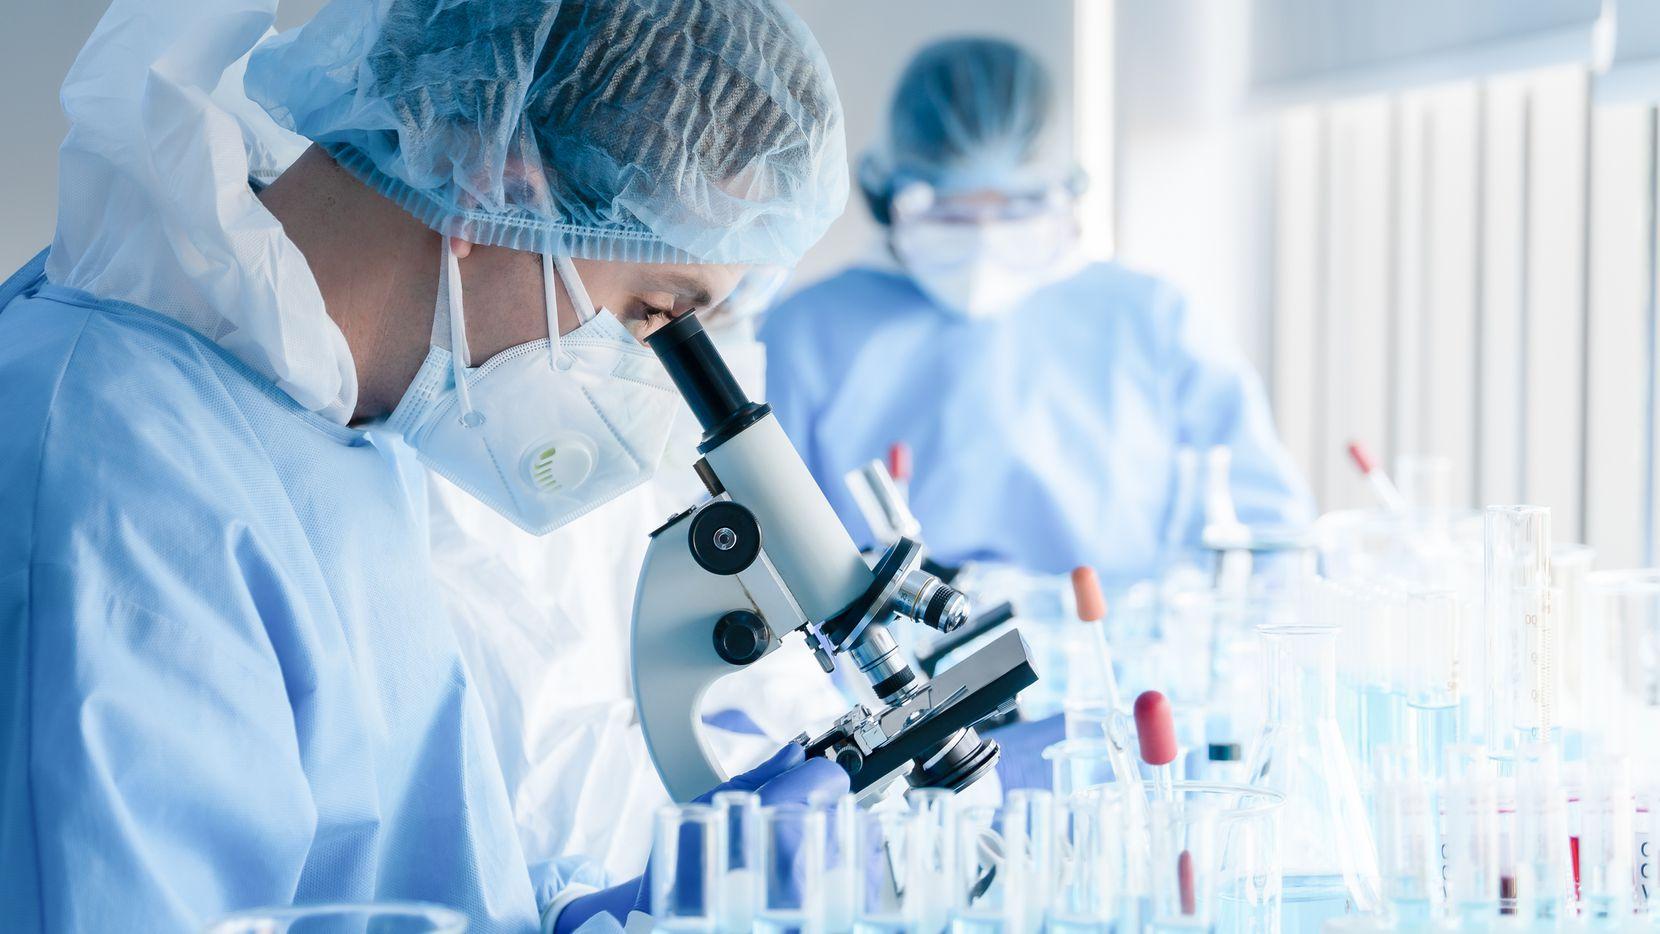 """Científicos de Texas descubrieron una nueva variante de coronavirus a la que llamaron """"BV-1"""" en referencia a Brazos Valley, donde se encuentra su complejo científico."""